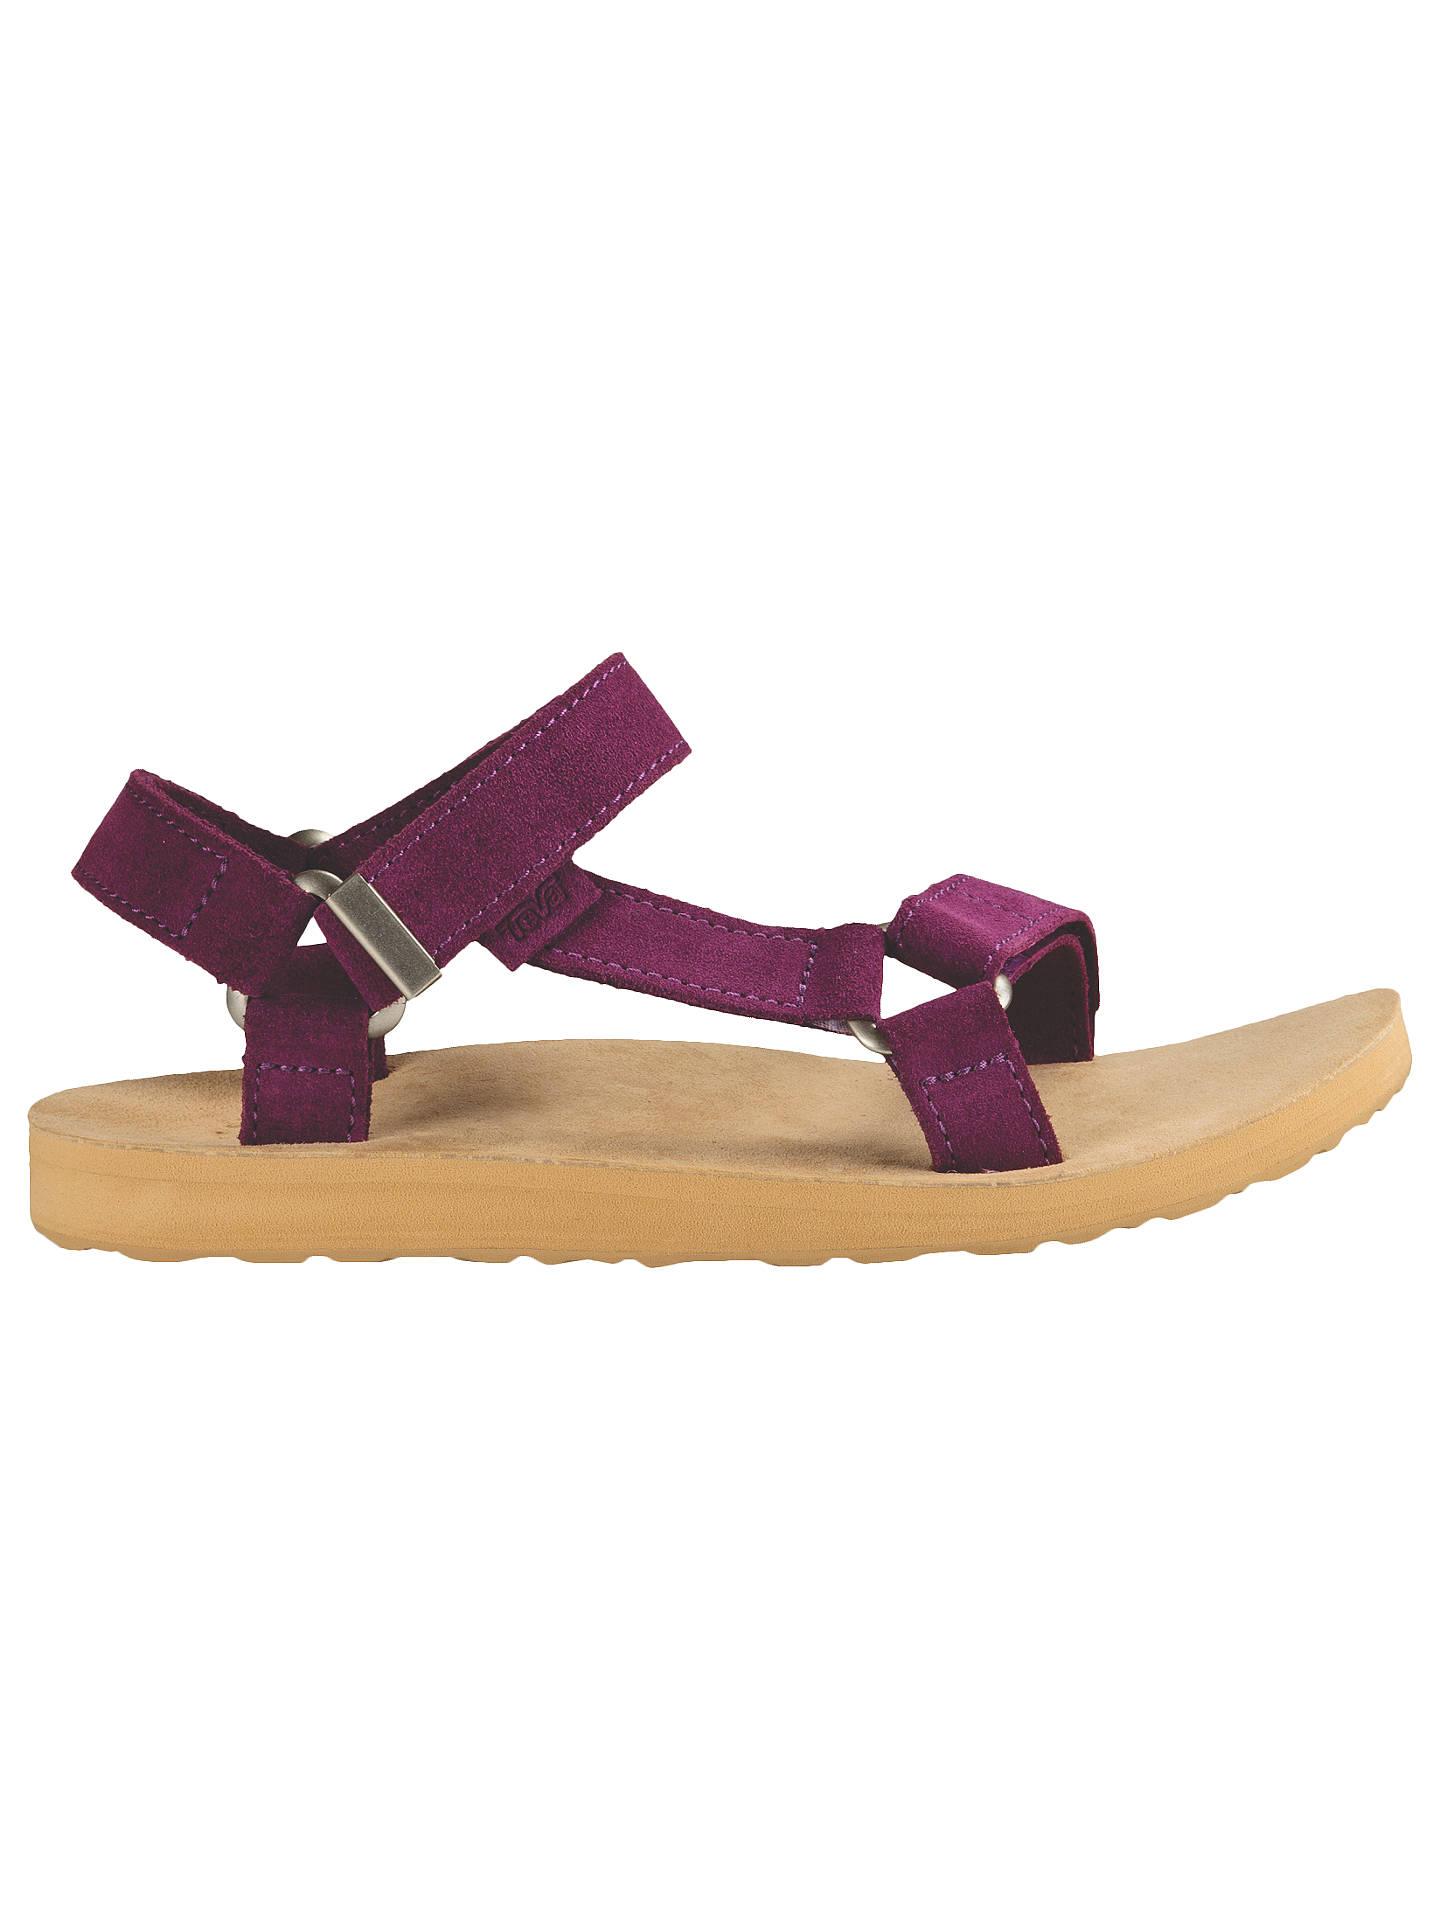 d5f6024b4 Buy Teva Original Universal Suede Women s Sandals